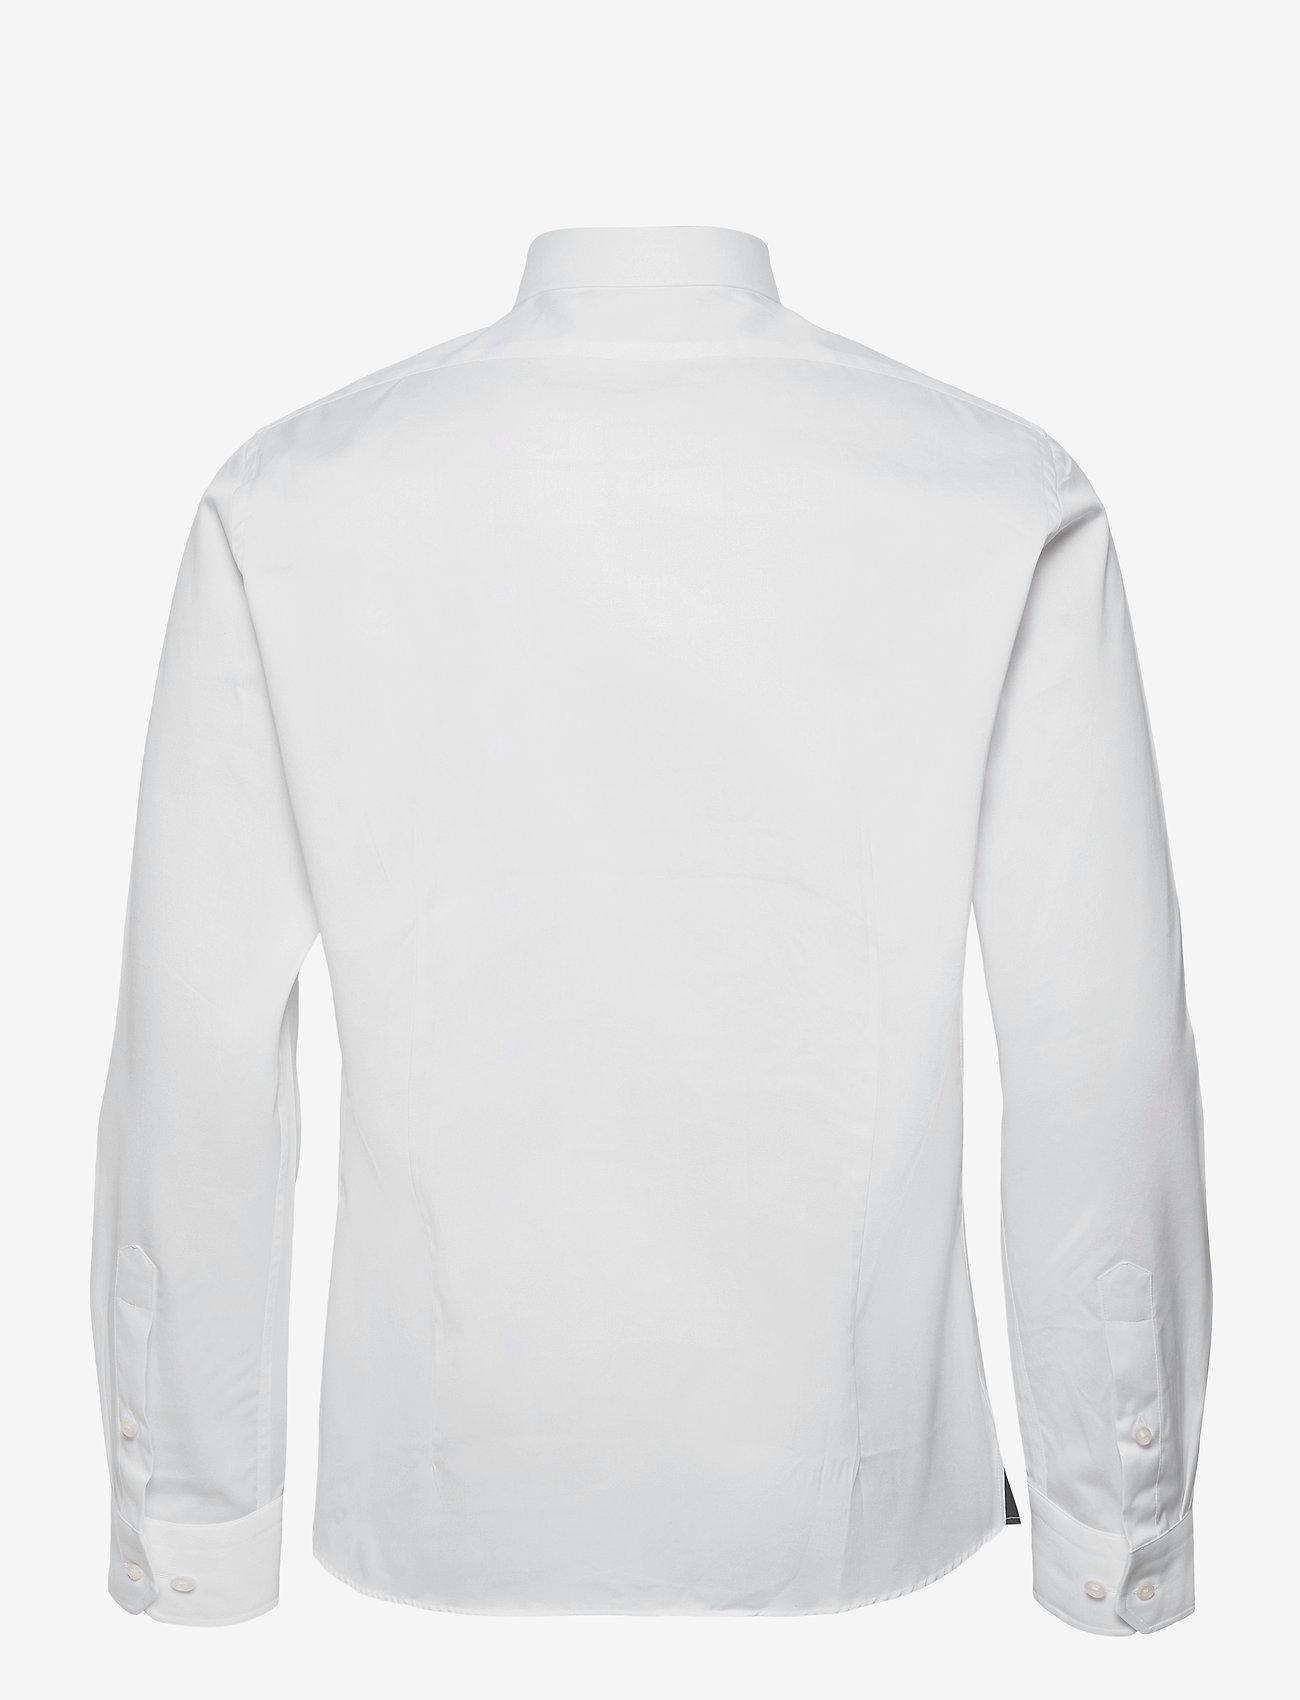 XO Shirtmaker by Sand Copenhagen - 8085 - Gordon FC - basic skjortor - optical white - 1